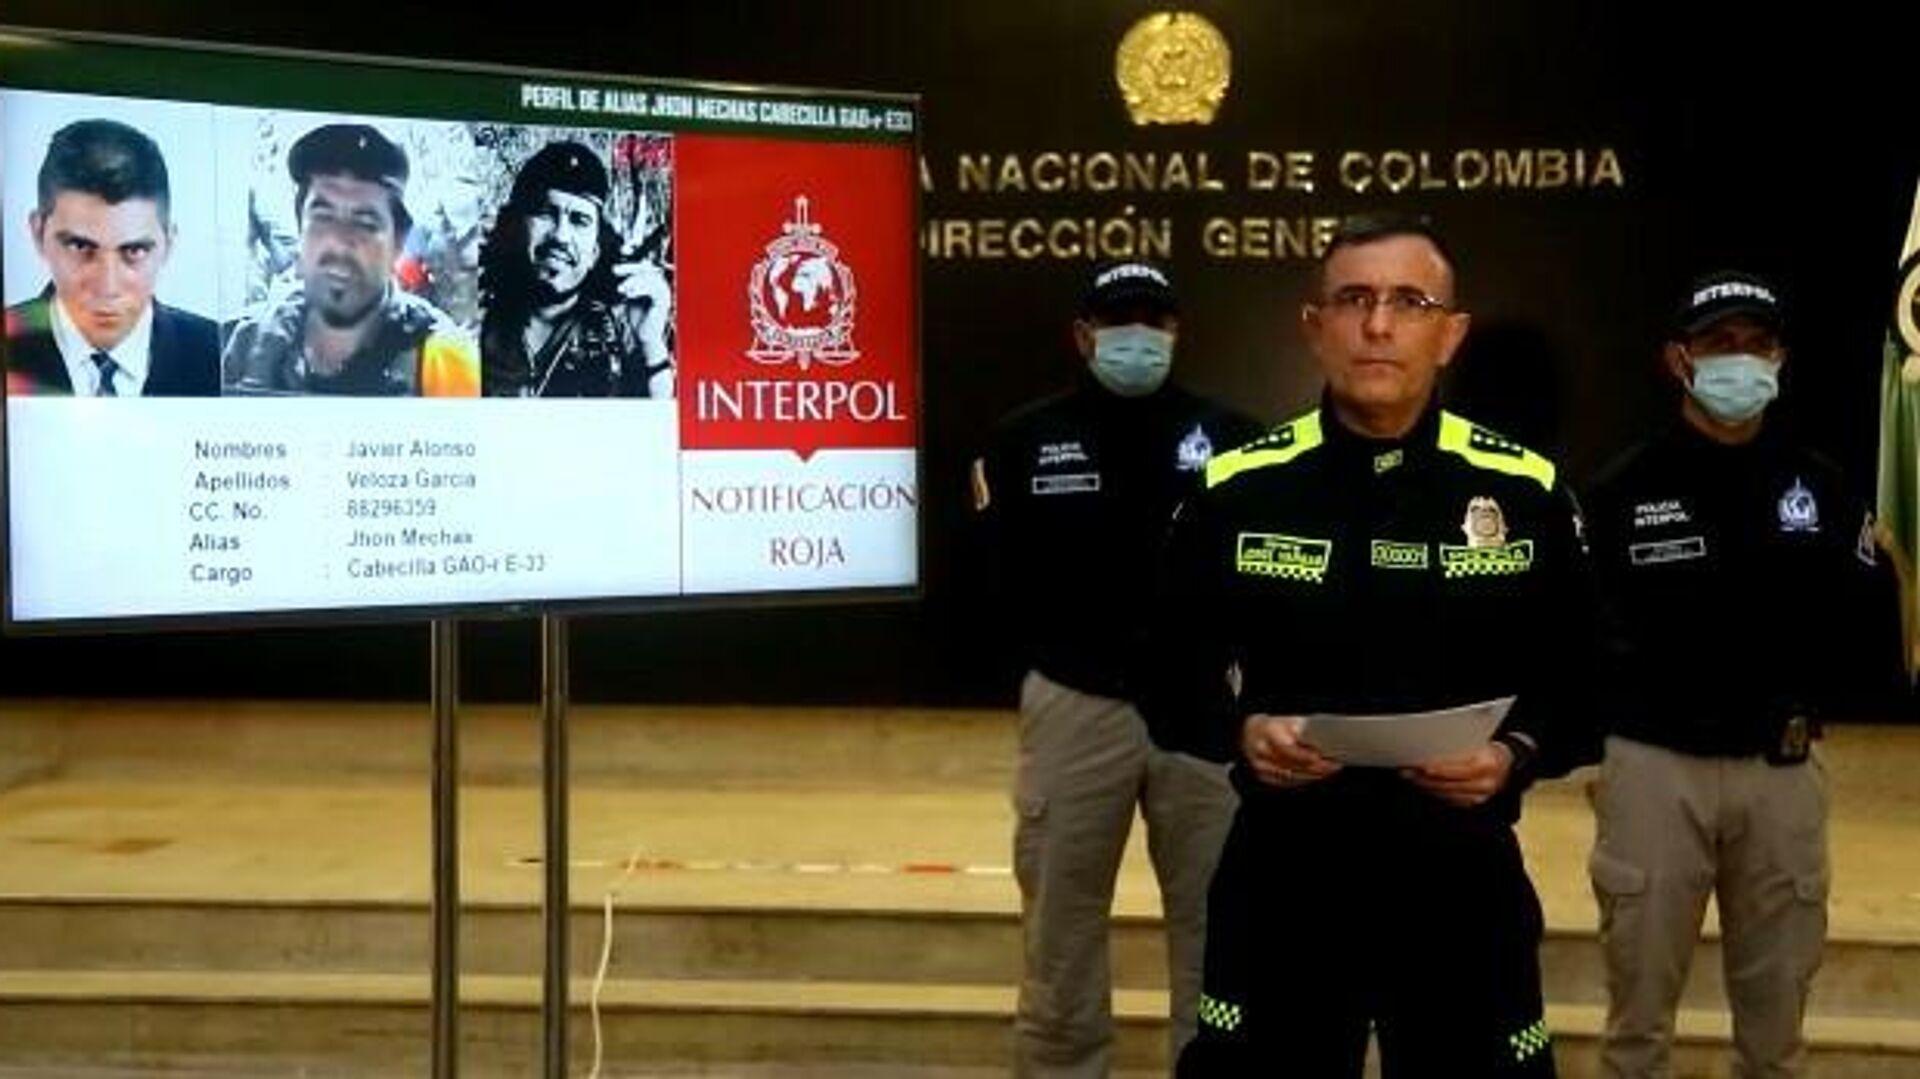 Policía de Colombia expide circular roja de Interpol contra líder de exFARC 'Jhon Mechas', el 1 de agosto del 2021 - Sputnik Mundo, 1920, 01.08.2021